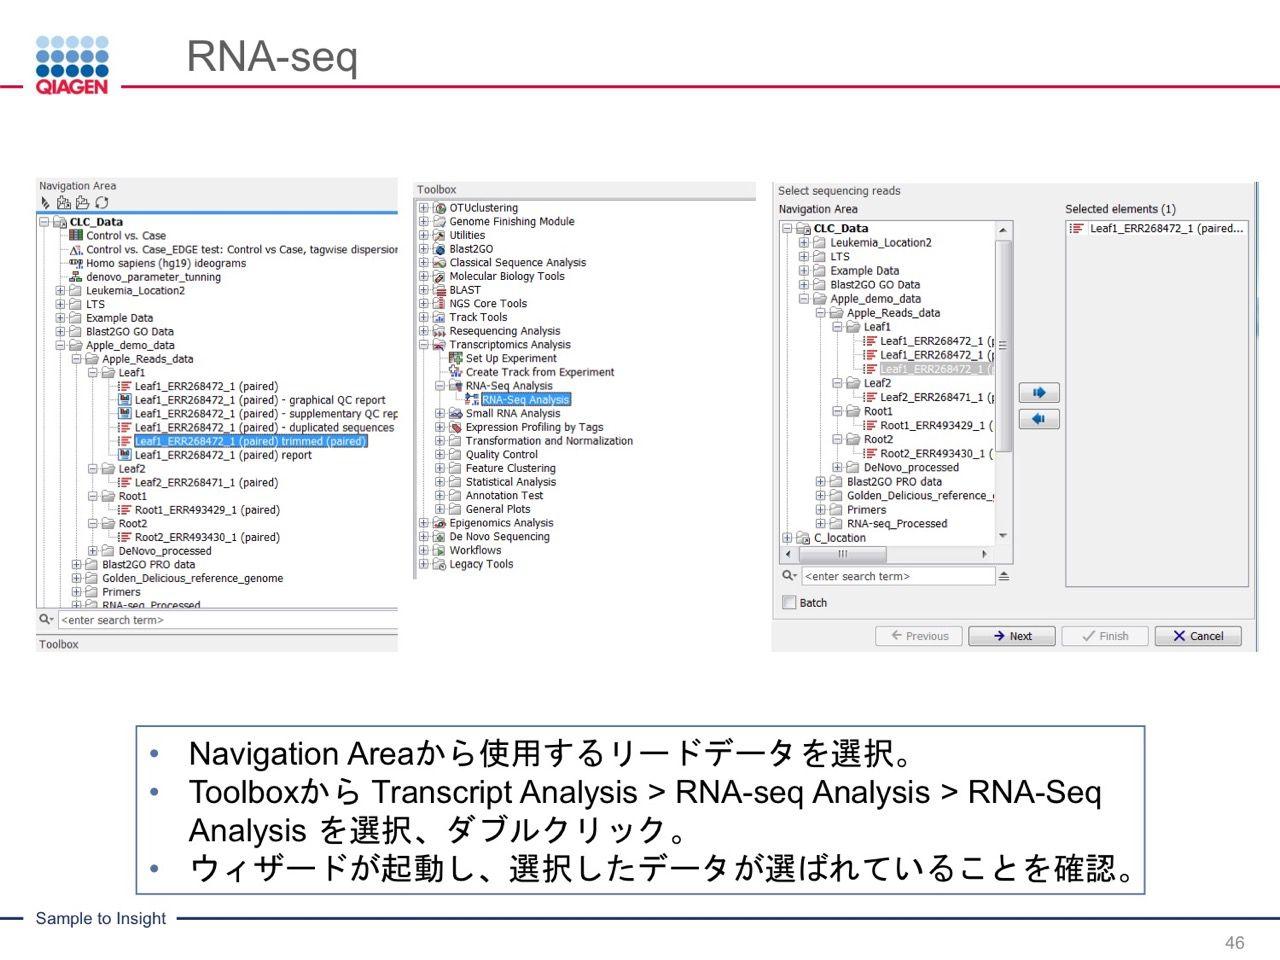 images/AJACSa2_miyamoto_046.jpg